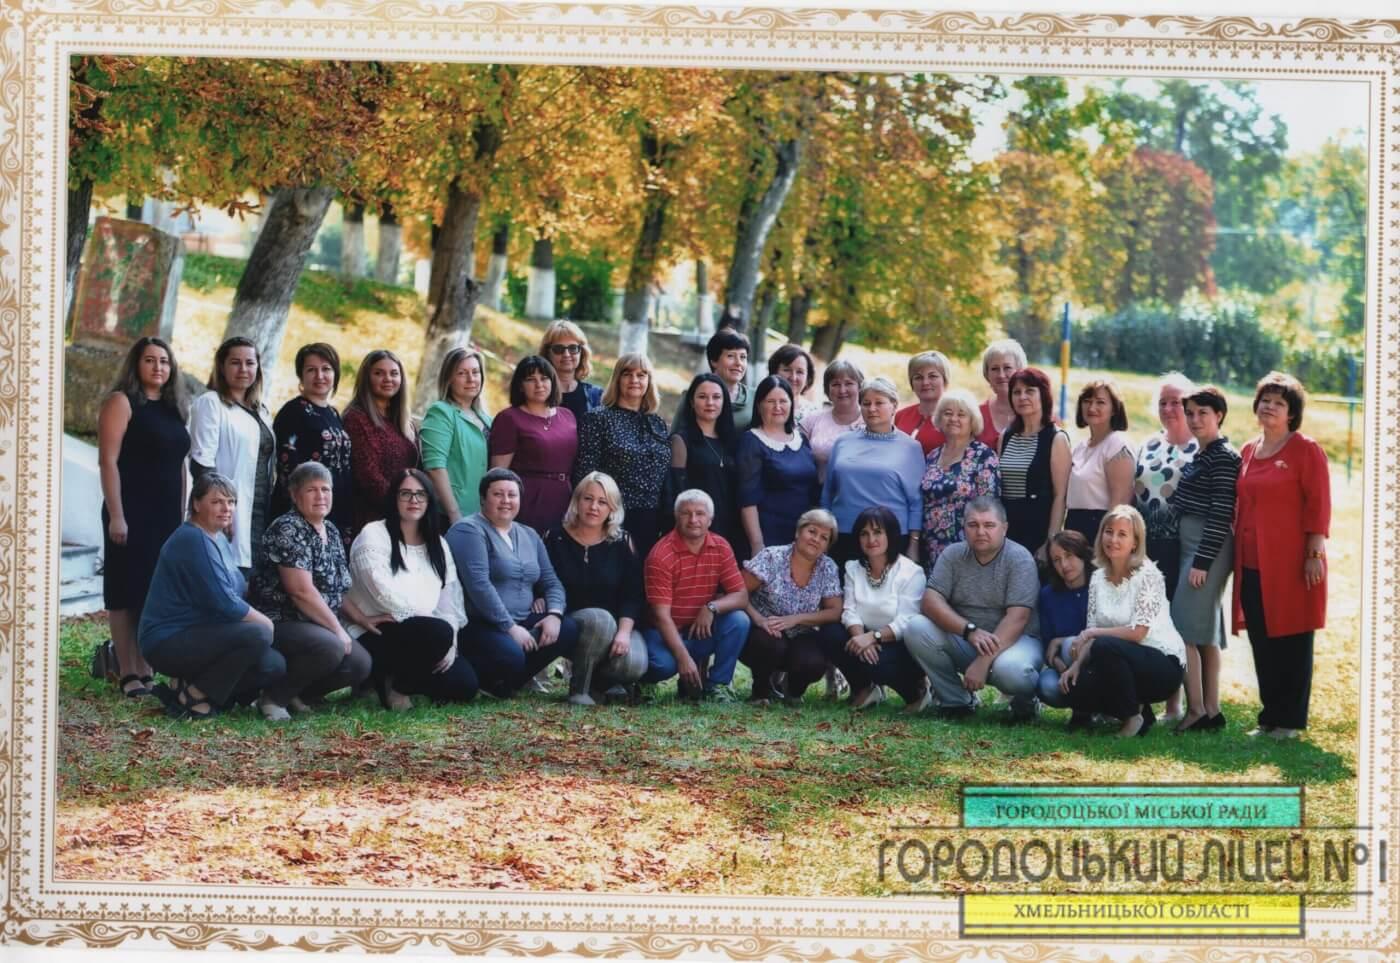 kolektyv liczeyu№1 20200001 — kopyya scaled - Педагогічний колектив